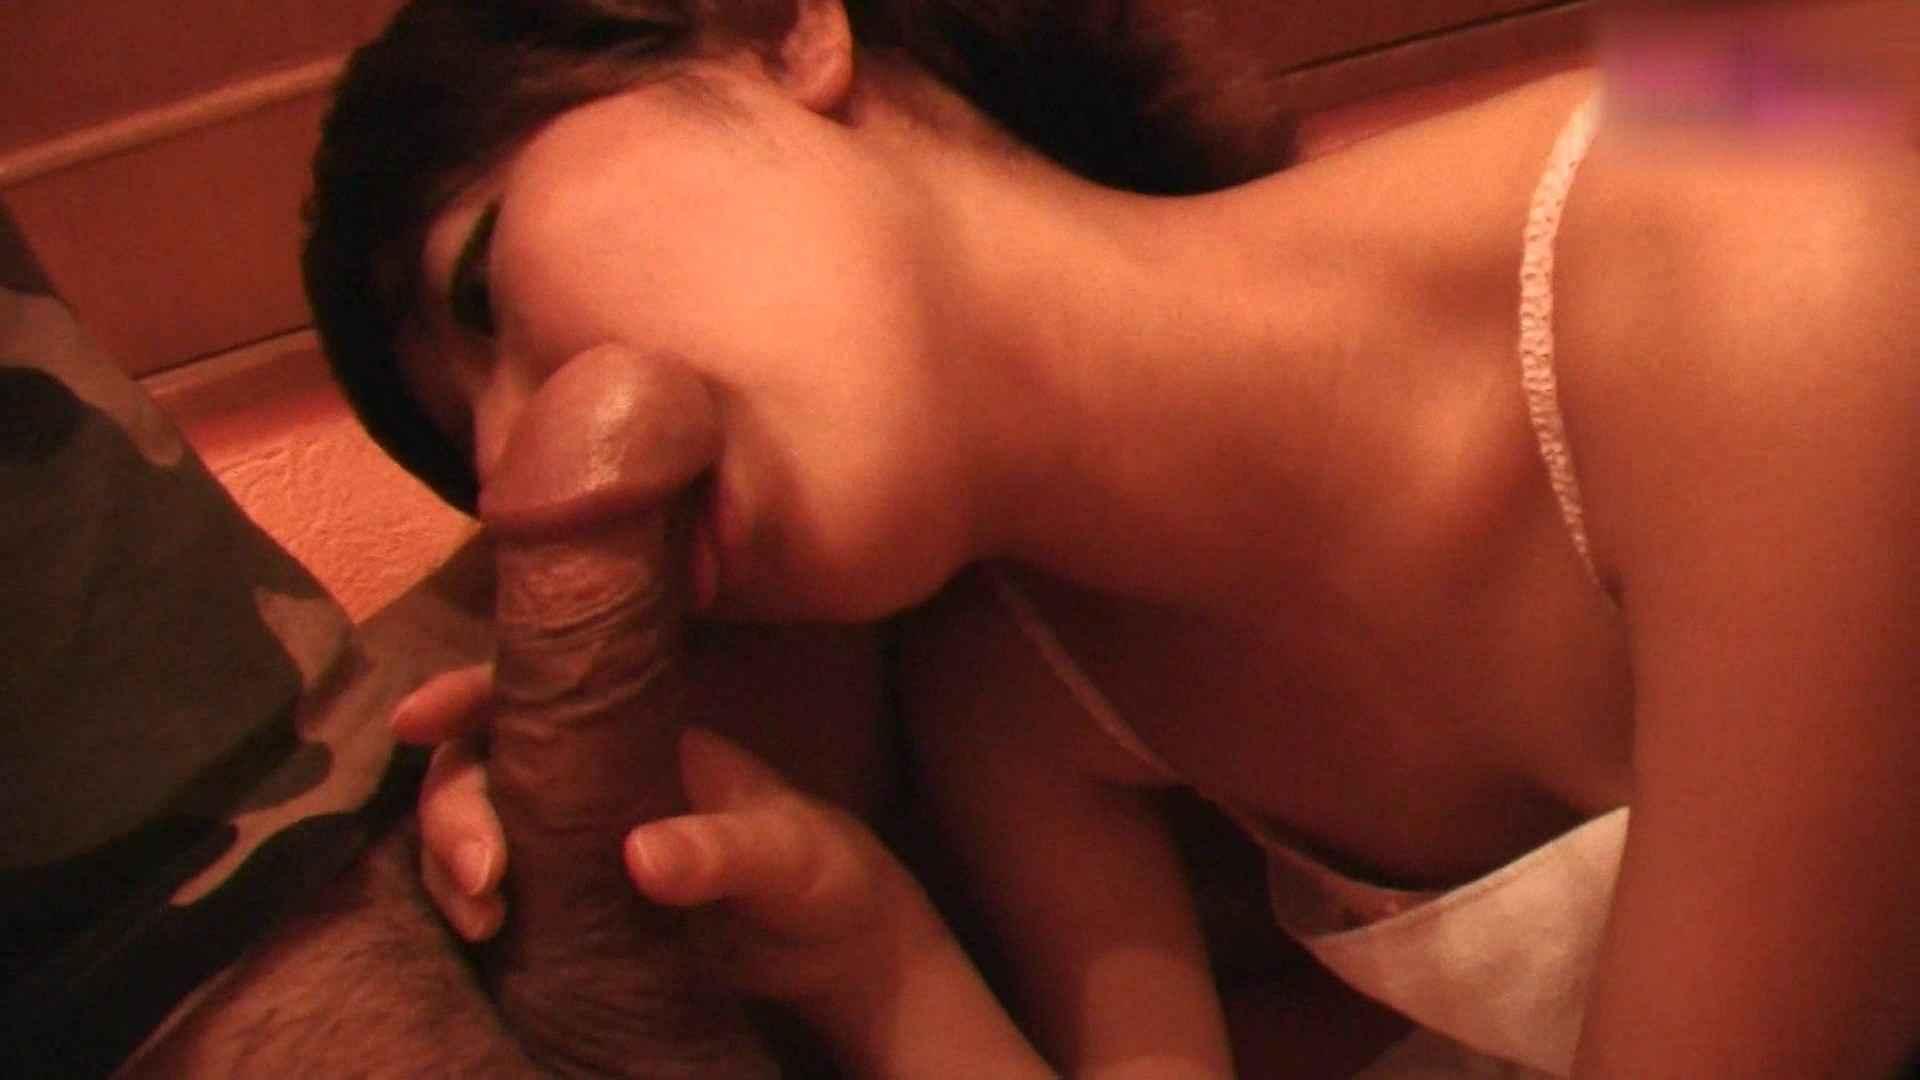 おしえてギャル子のH塾 Vol.26 前編 ギャルのエロ動画 ワレメ動画紹介 78pic 31